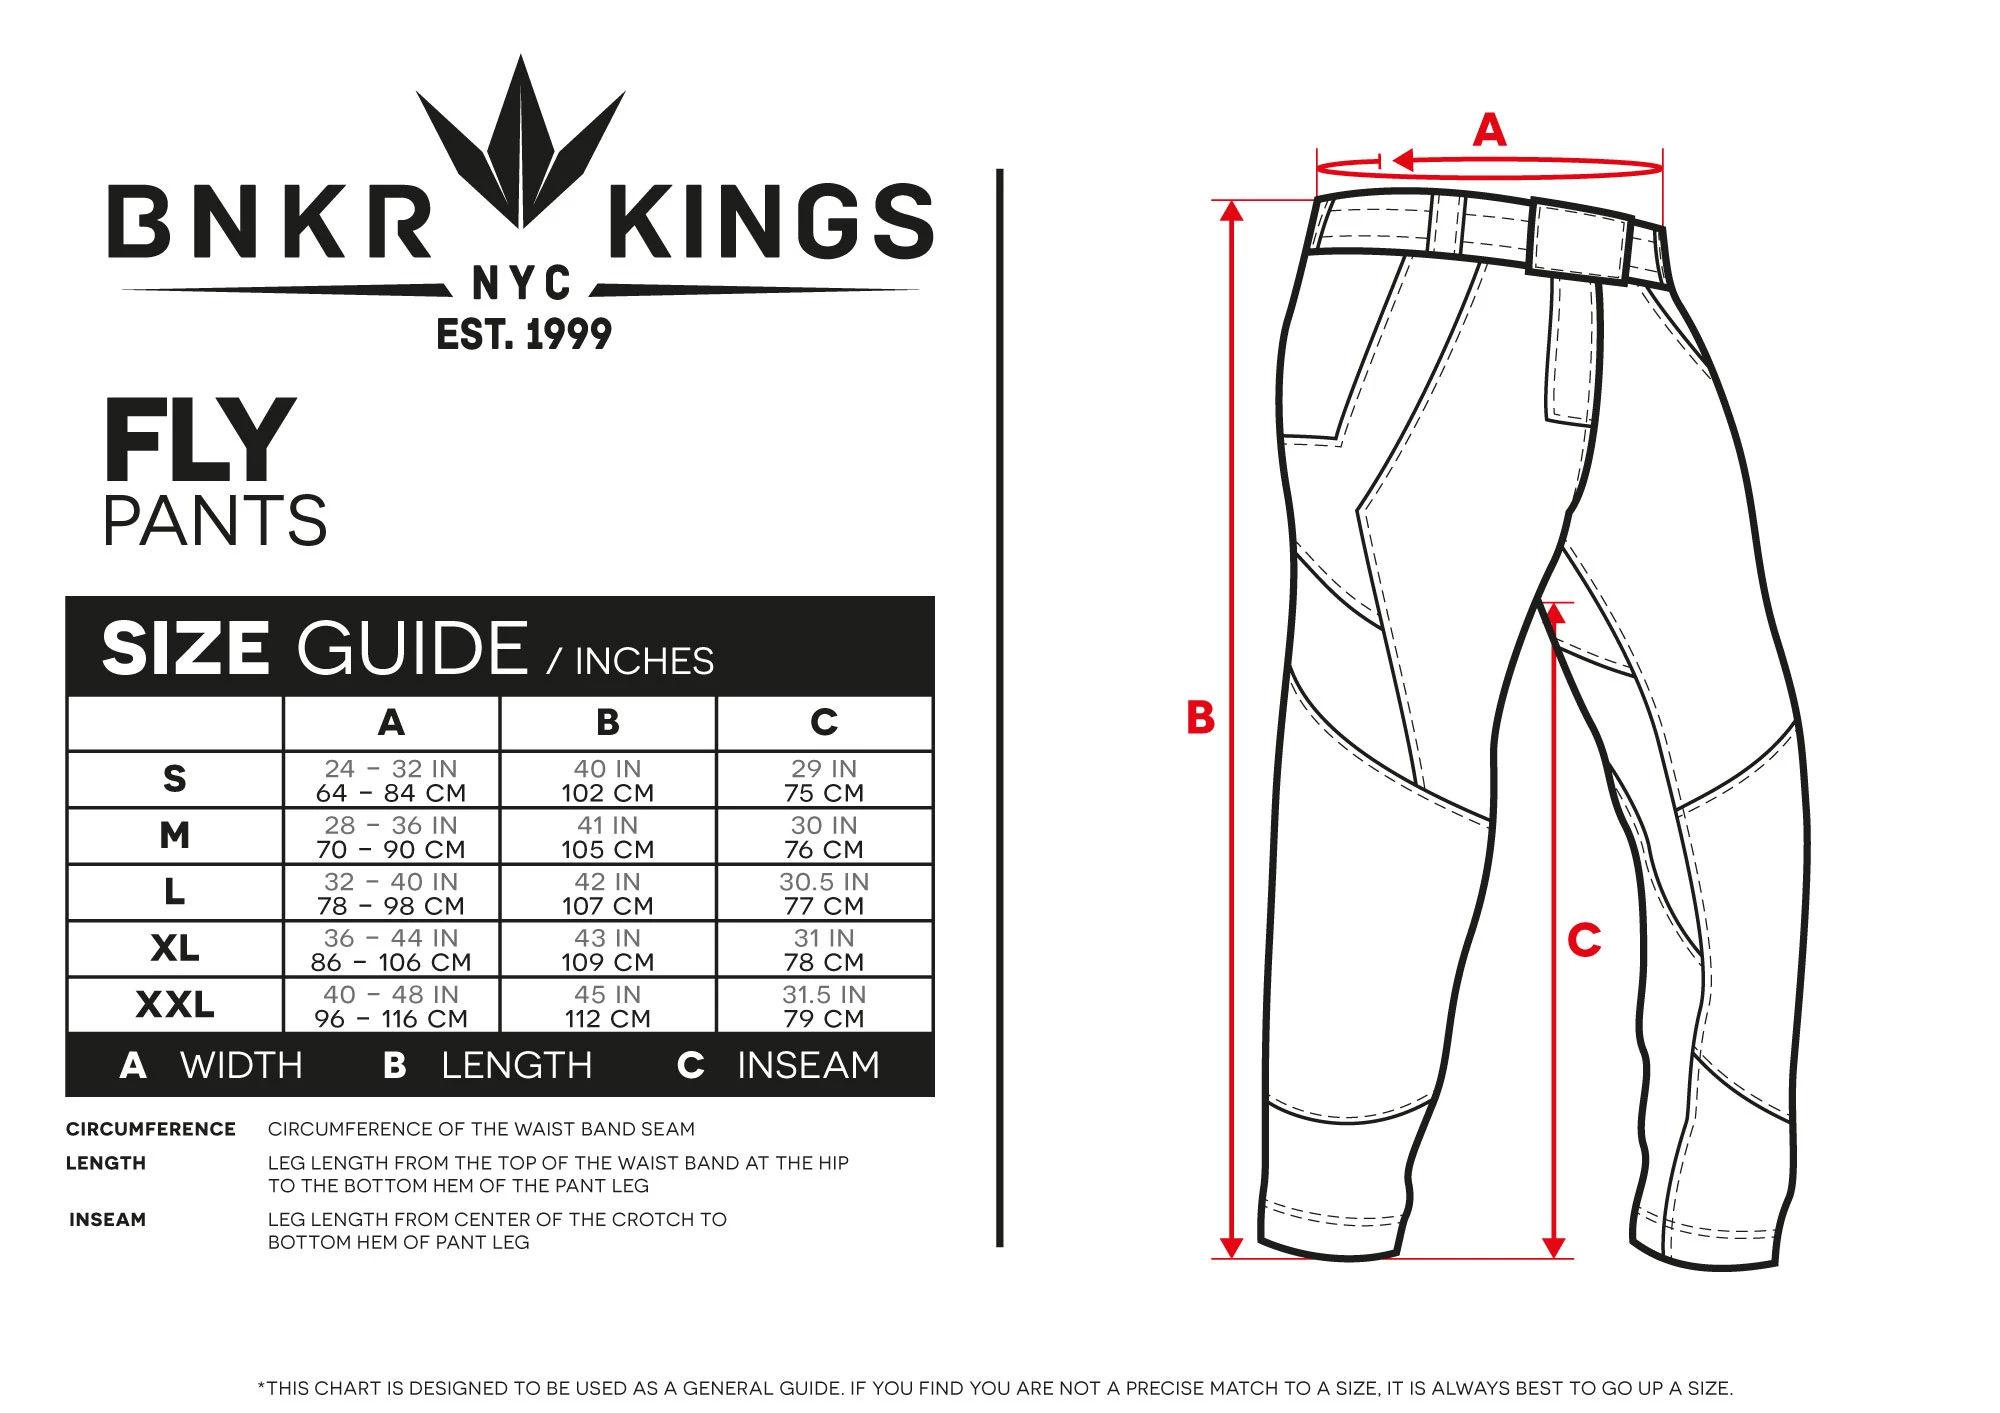 Bunkerkings Fly Pants